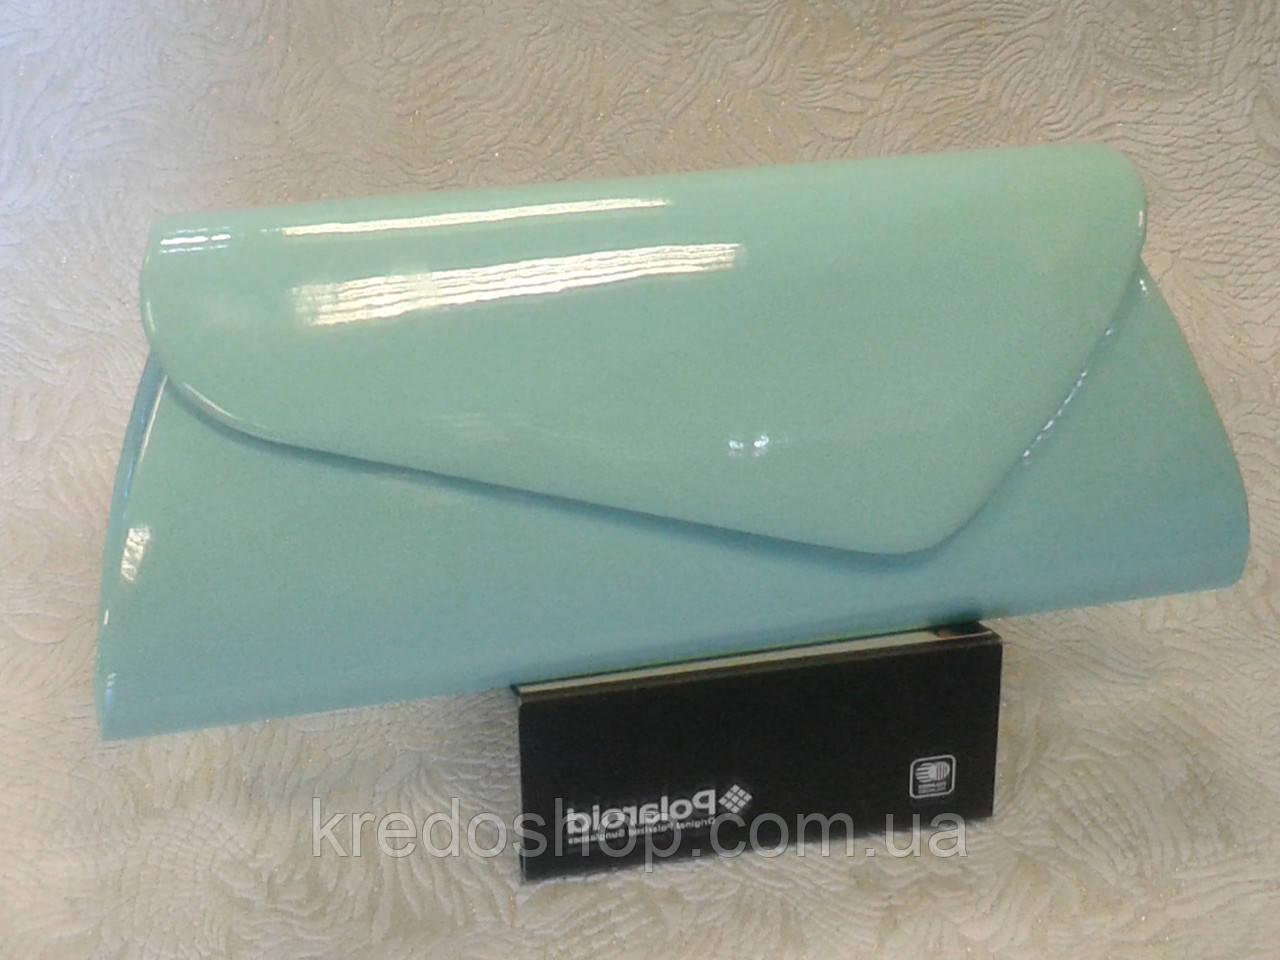 6d603cd8a1c3 Женский клатч вечерний бирюзовый лаковый стильный (Турция) - Интернет-магазин  сумок и аксессуаров